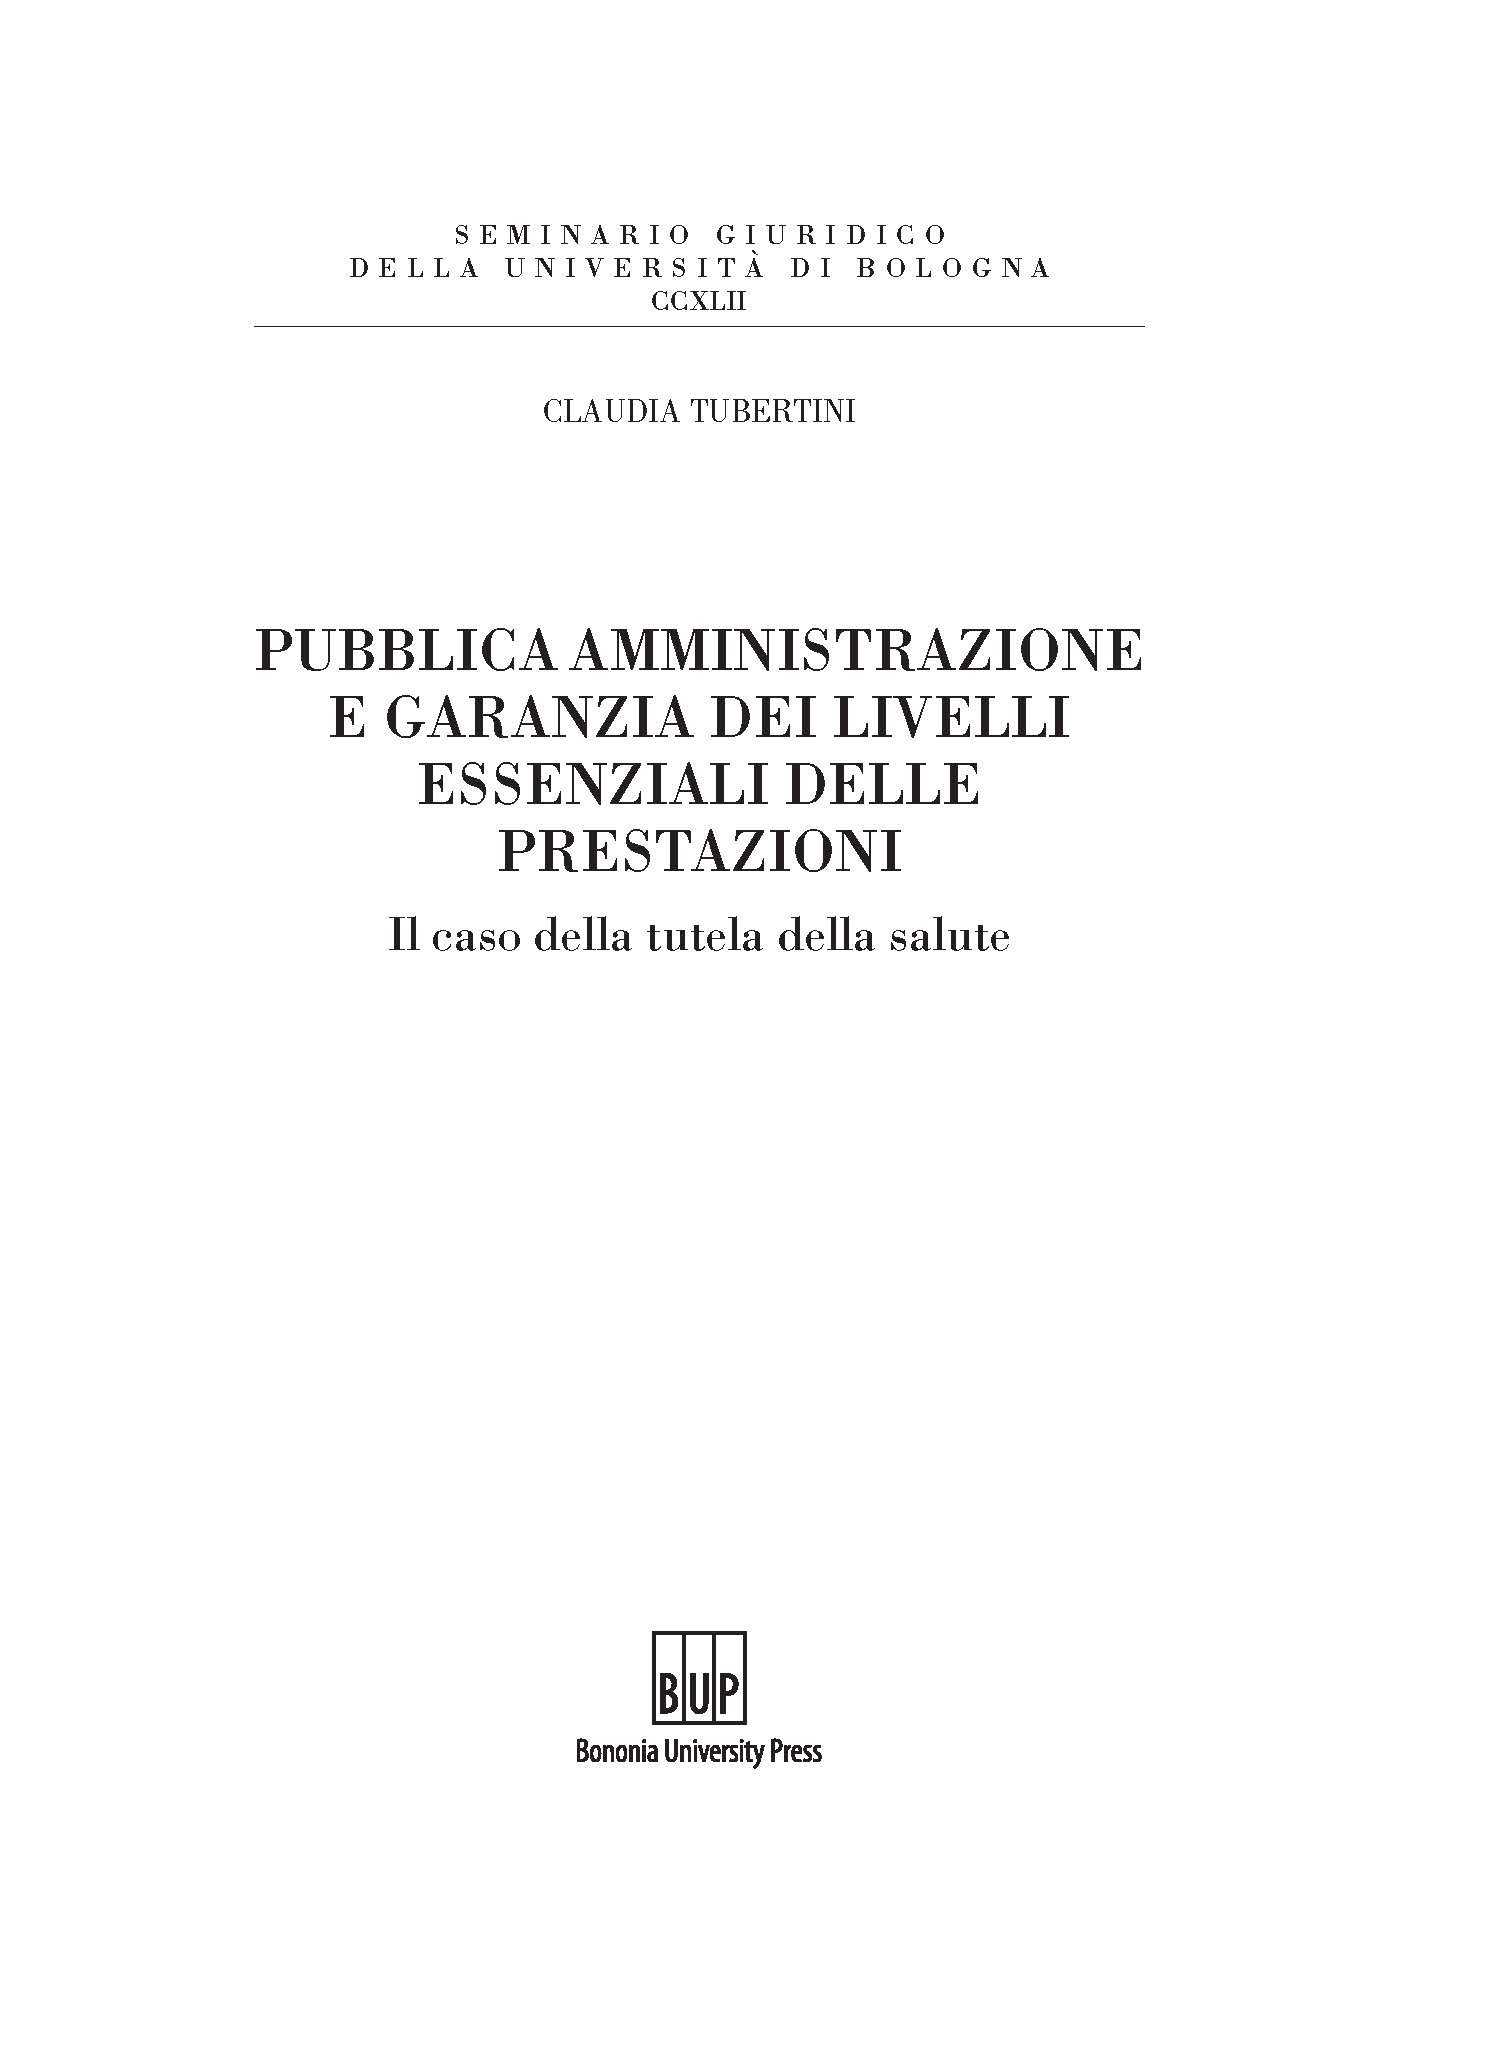 Pubblica amministrazione e garanzia dei livelli essenziali delle prestazioni - Bononia University Press